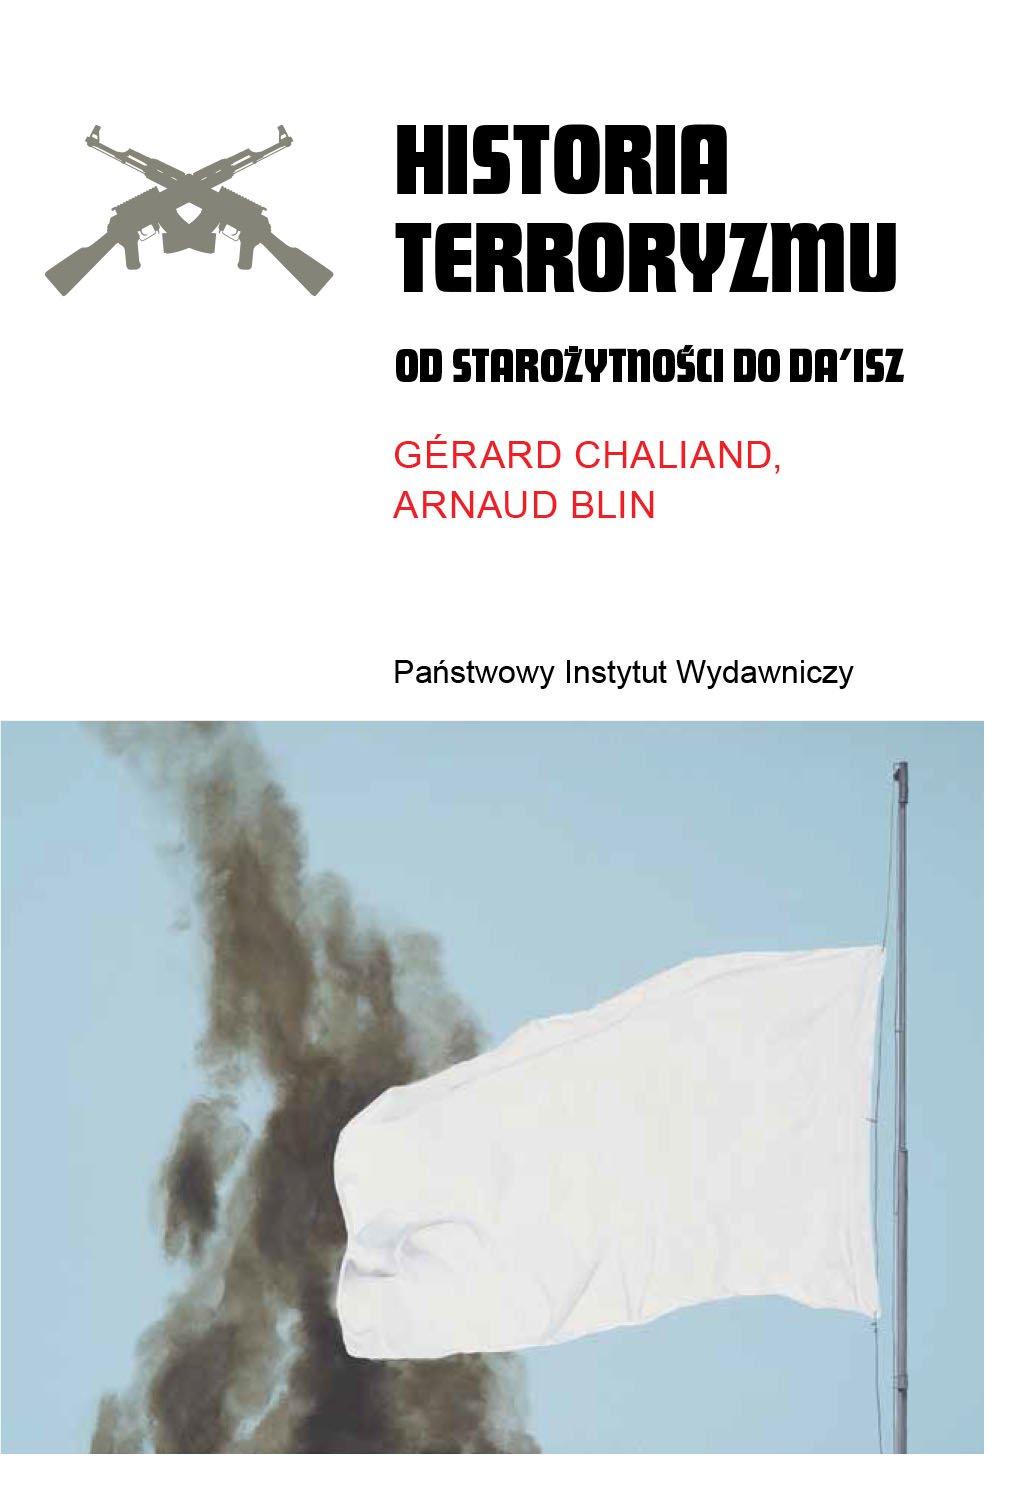 Historia terroryzmu. Od starożytności do Da'isz - Ebook (Książka EPUB) do pobrania w formacie EPUB